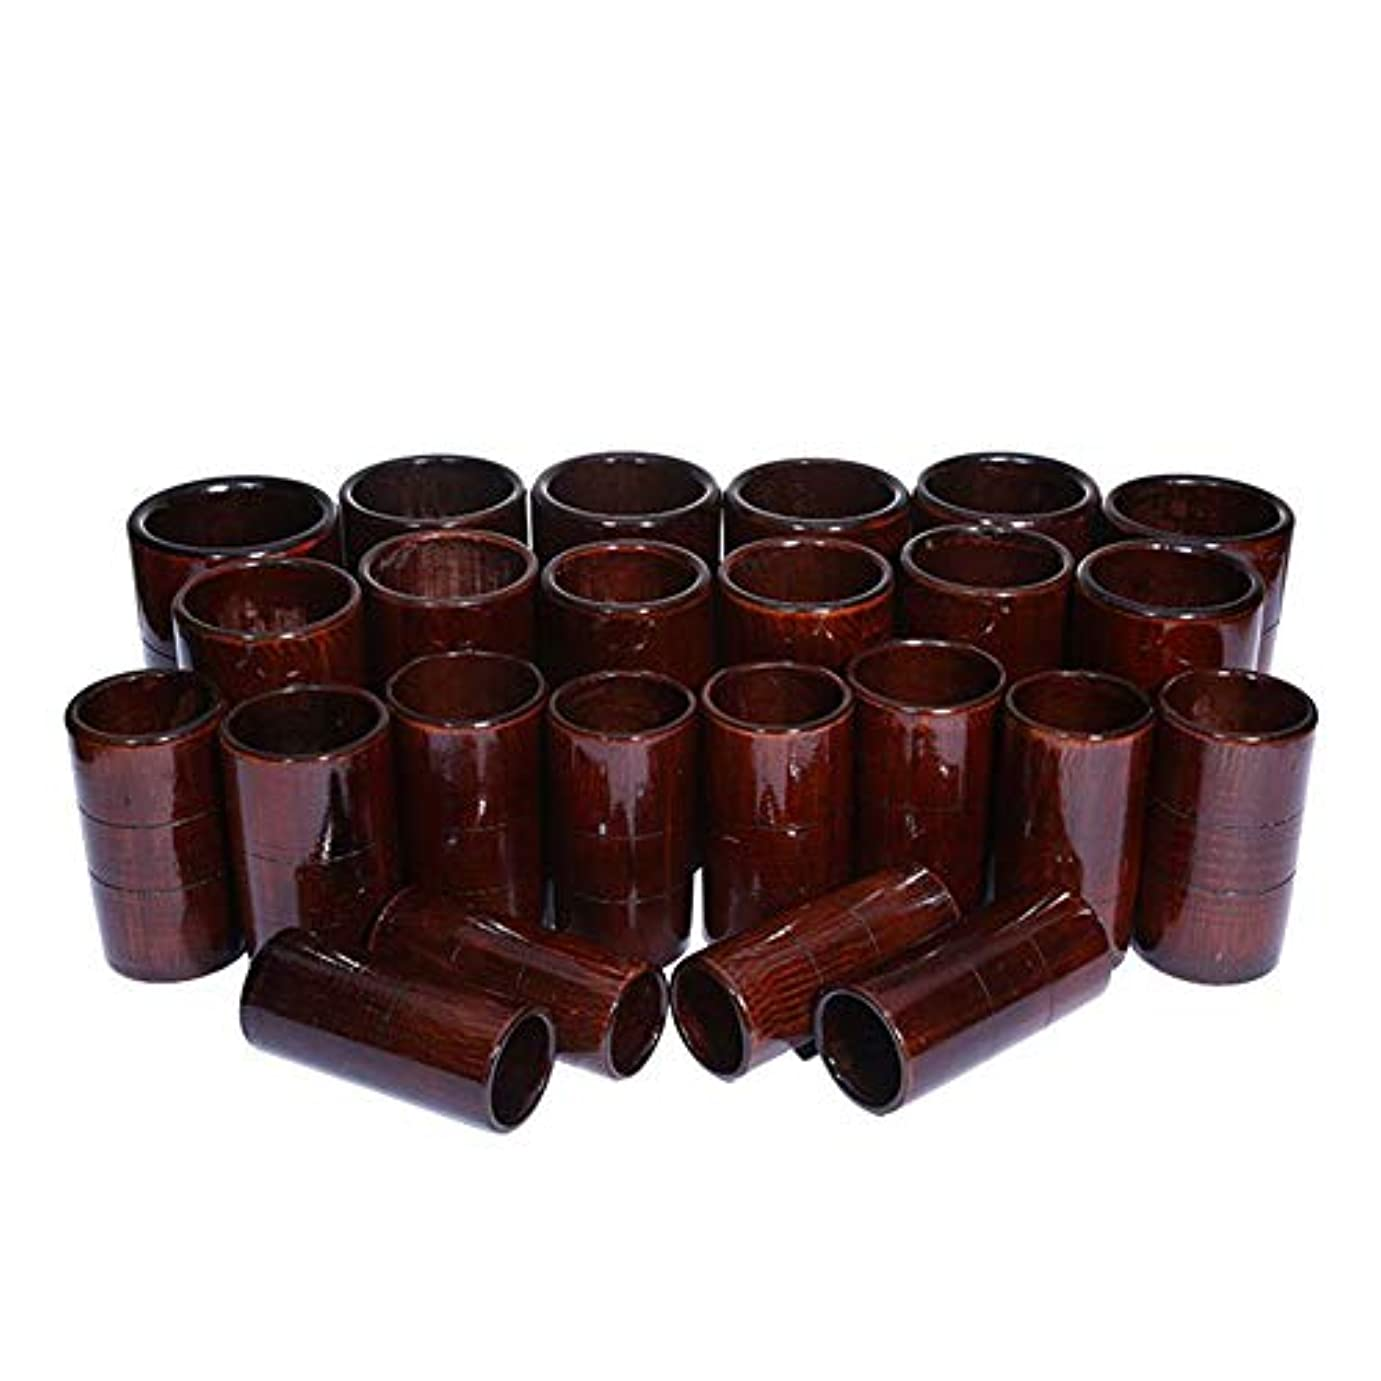 船酔い活発不快なカッピング竹鍼治療セットマッサージバキュームカップキットチャコール缶ボディ医療サクションセット,A10pcs